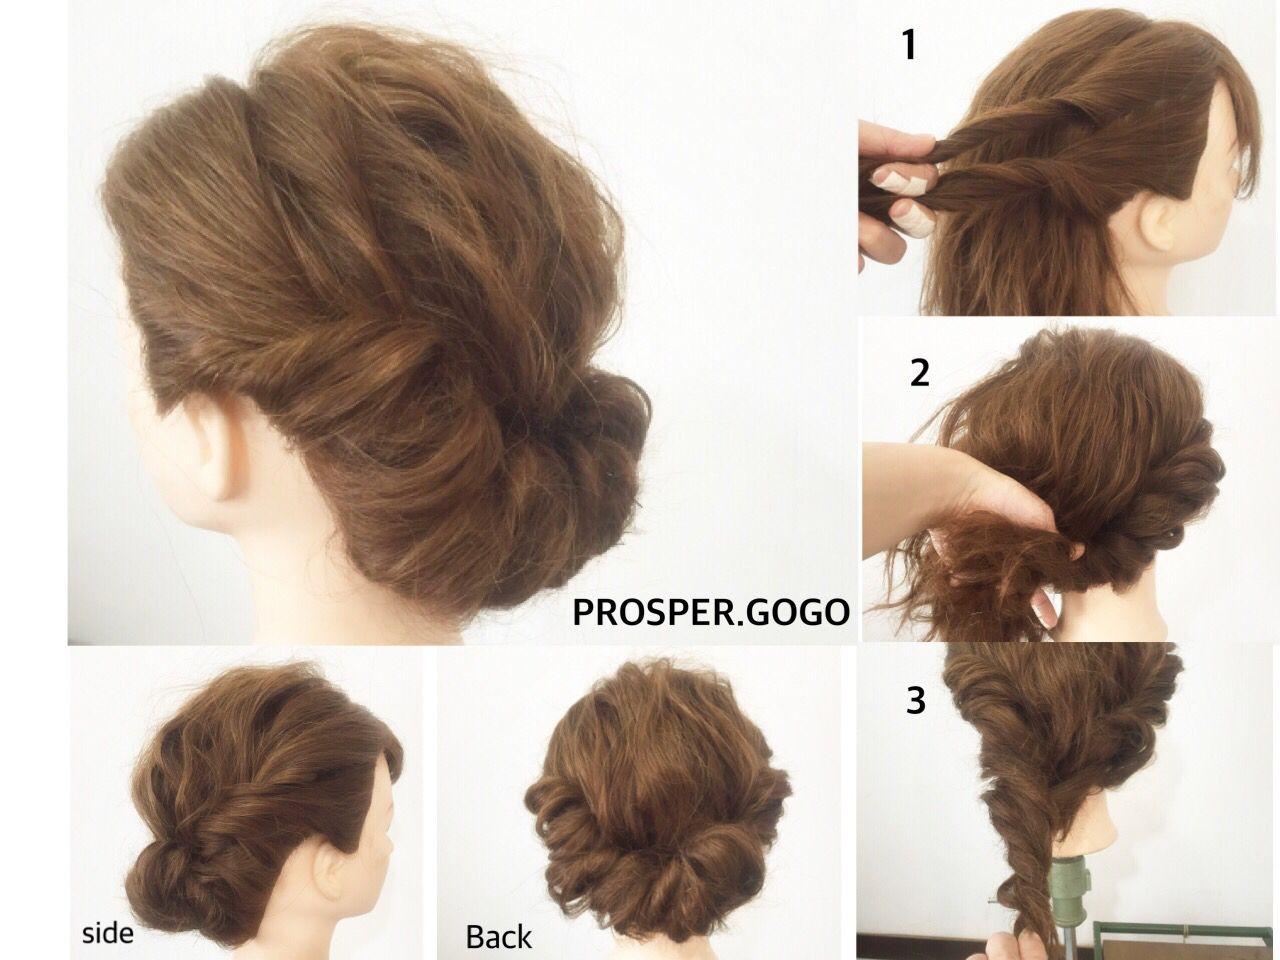 パーティの髪型どうしてる?ちょっとしたお呼ばれで差をつける方法 YUKO KAWANO